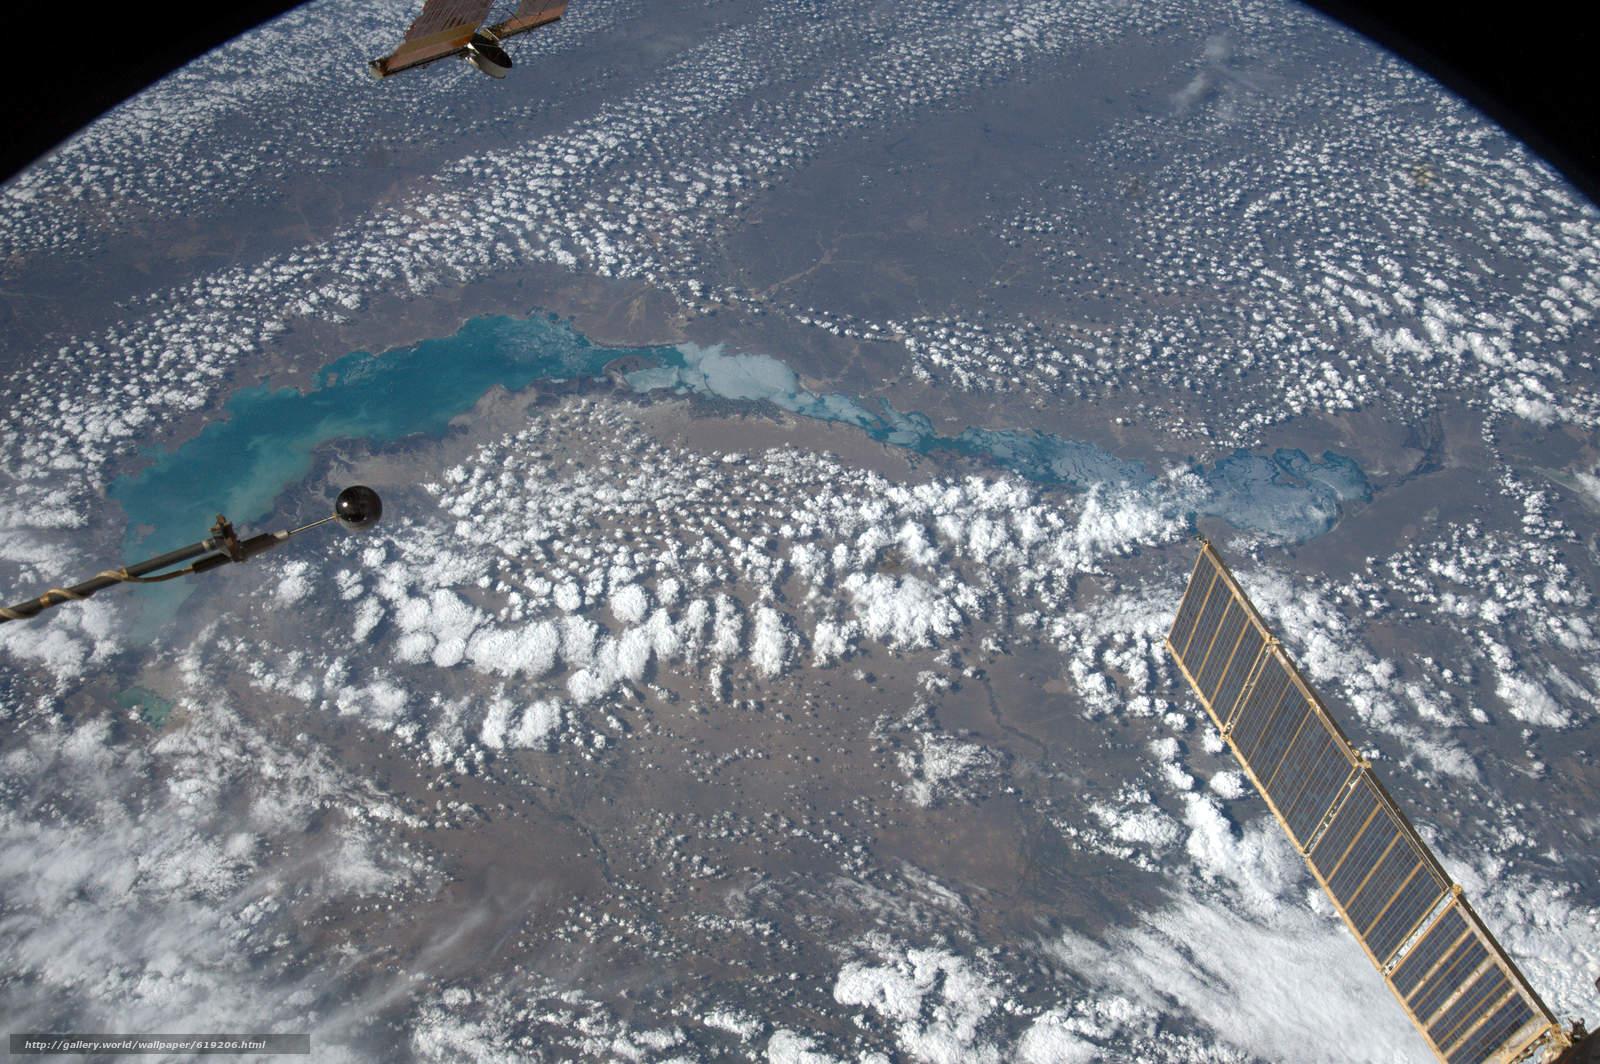 Скачать на телефон обои фото картинку на тему Озеро Балхаш, Казахстан, МКС, Земля, космос, разширение 6080x4044